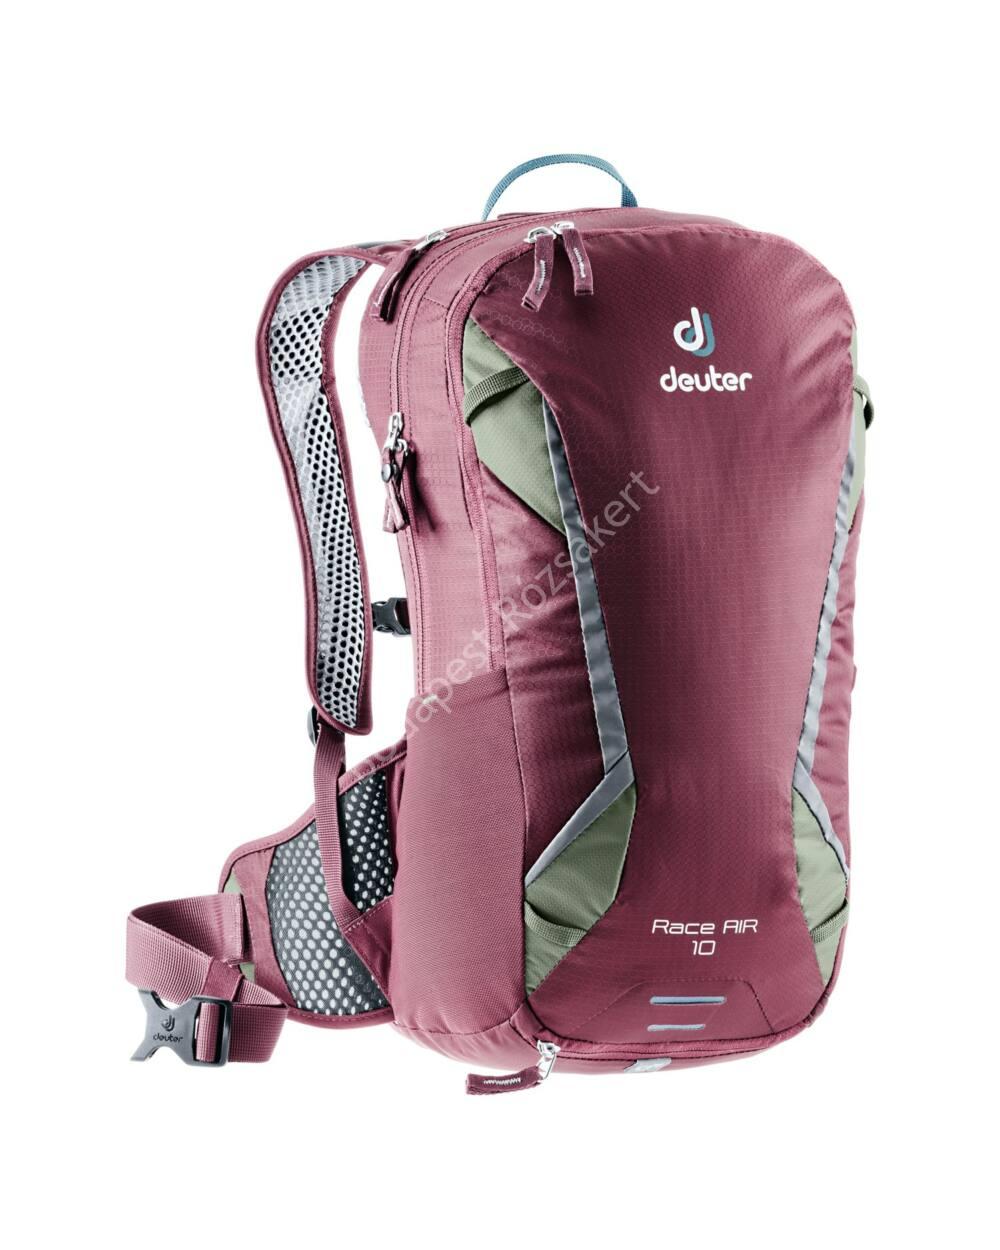 Deuter Race AIR 10 L hátizsák, 800g, maron-khaki